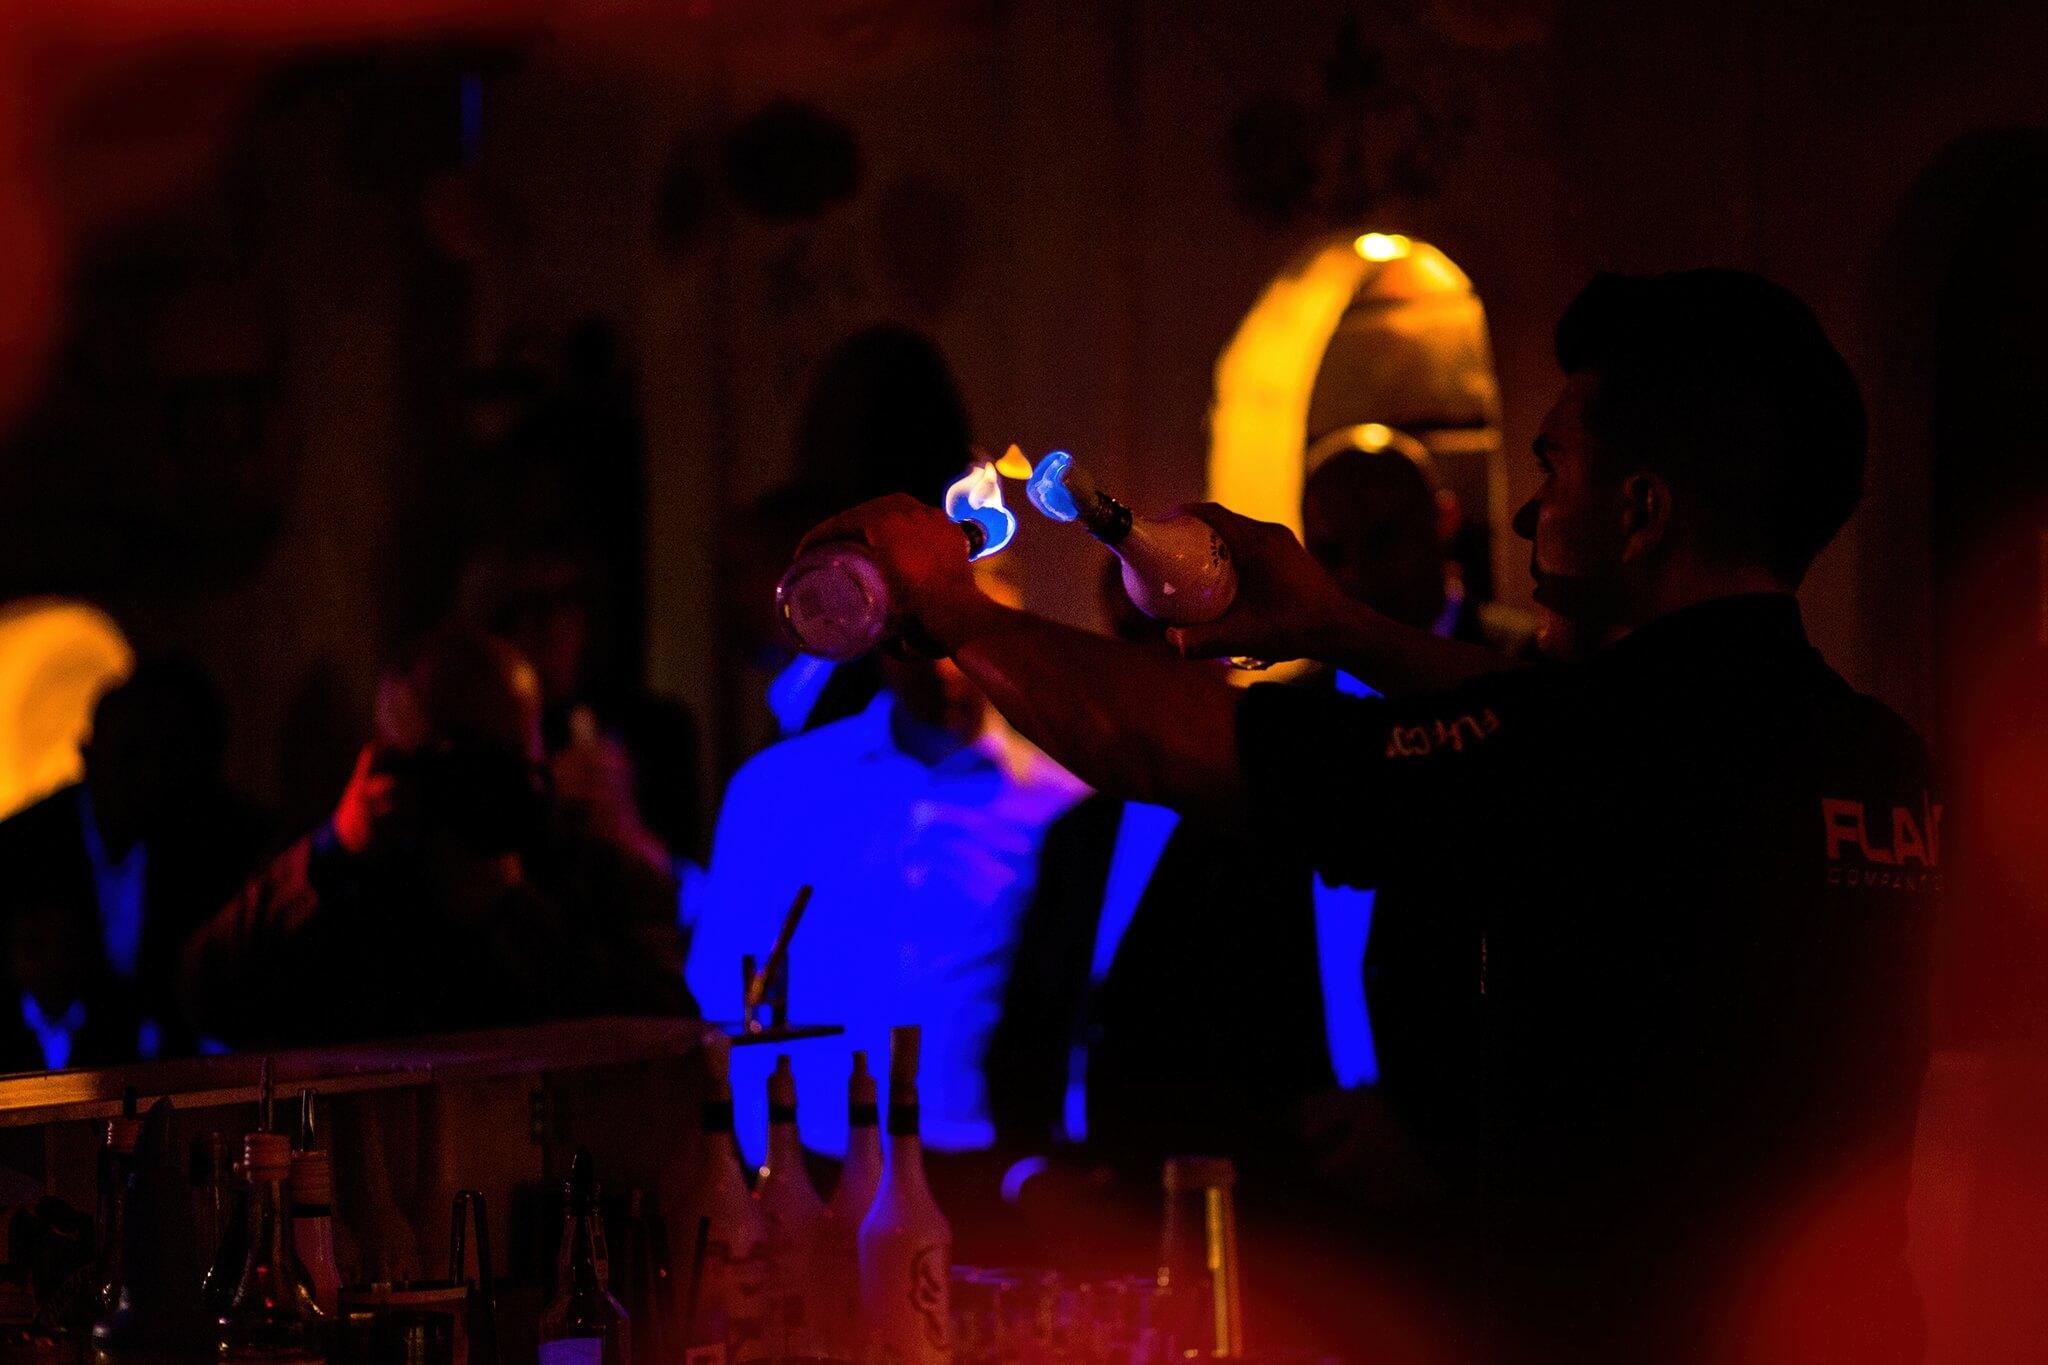 Atrakcje na wesele w Rzeszowie - Pokazy barmańskie, drink Bar